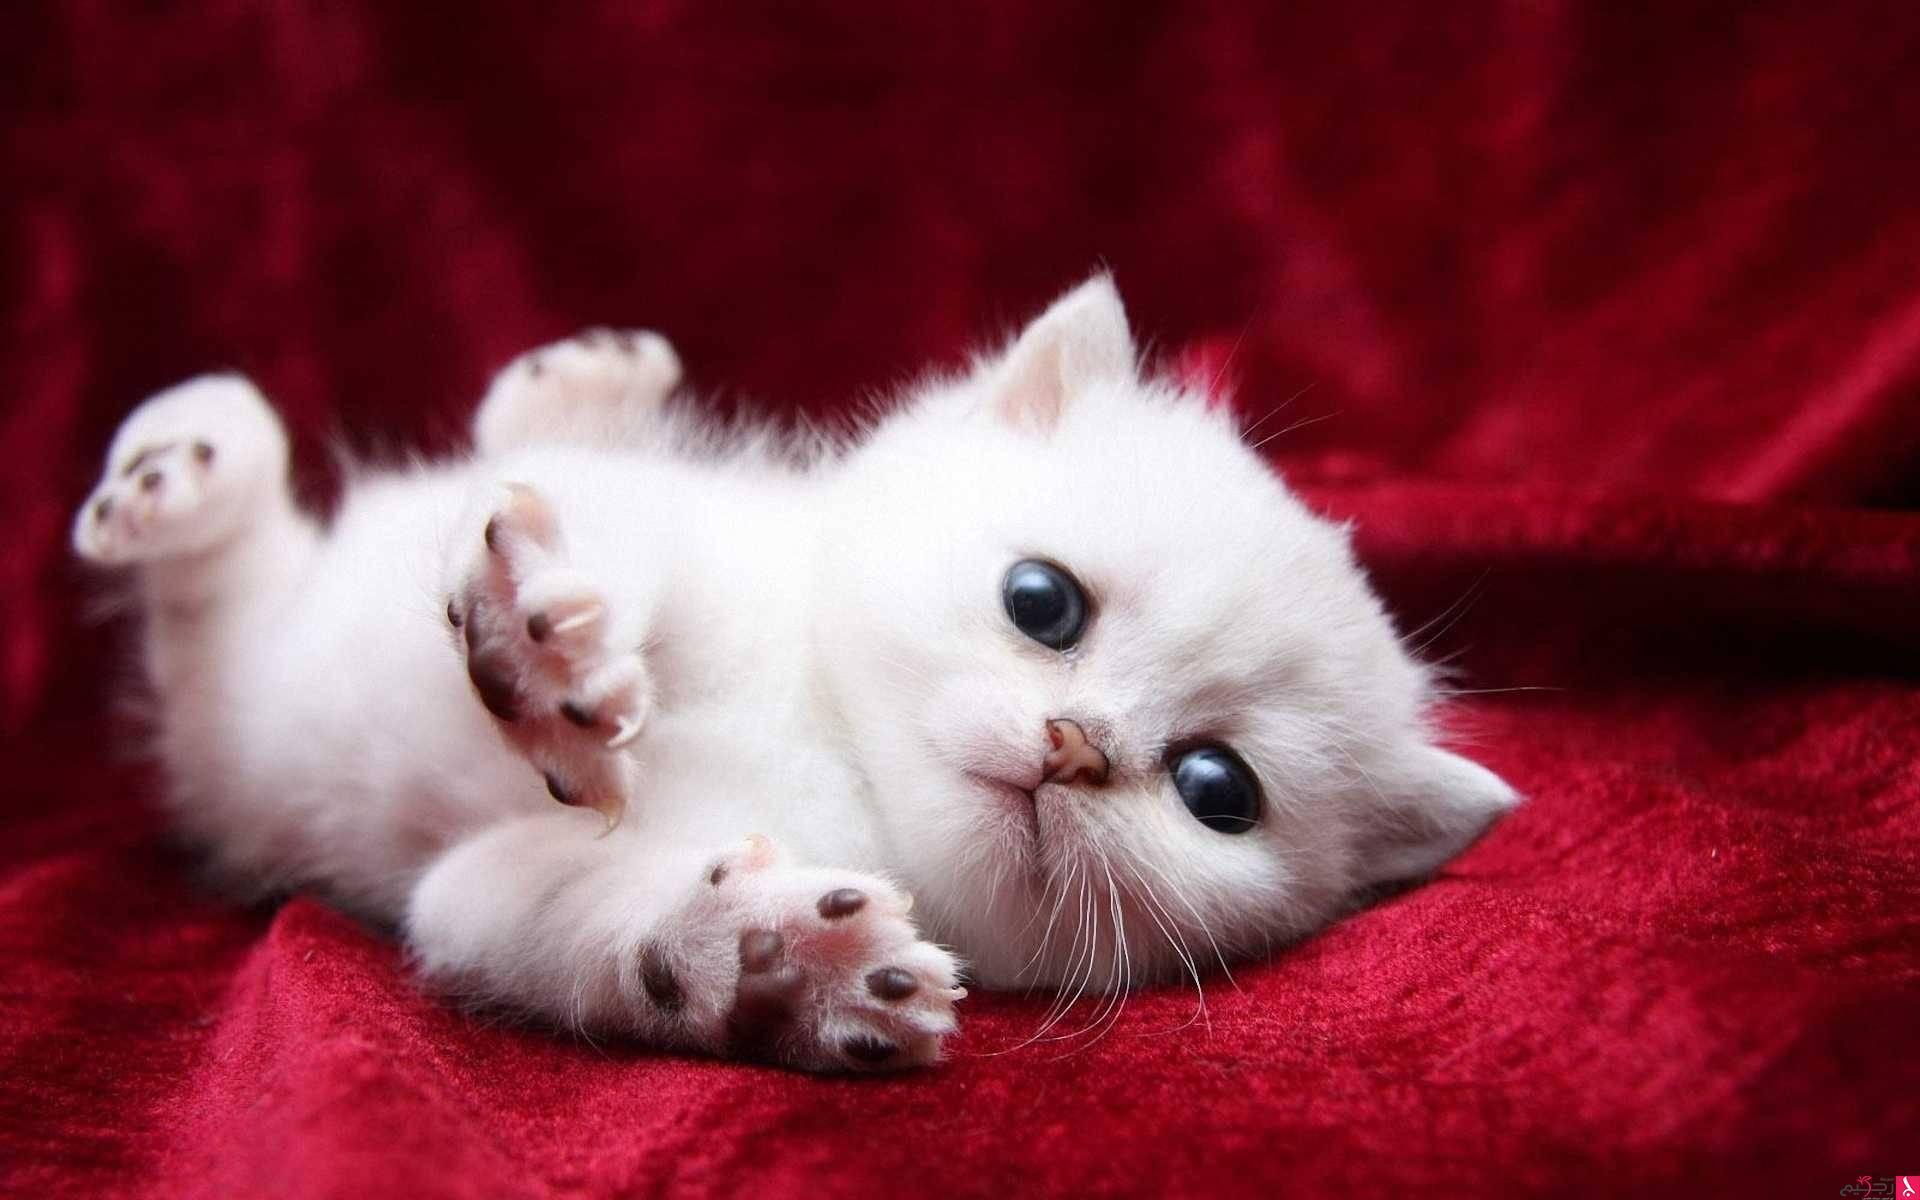 صور اجمل صور قطط , صور لاحلي قطط جميلة